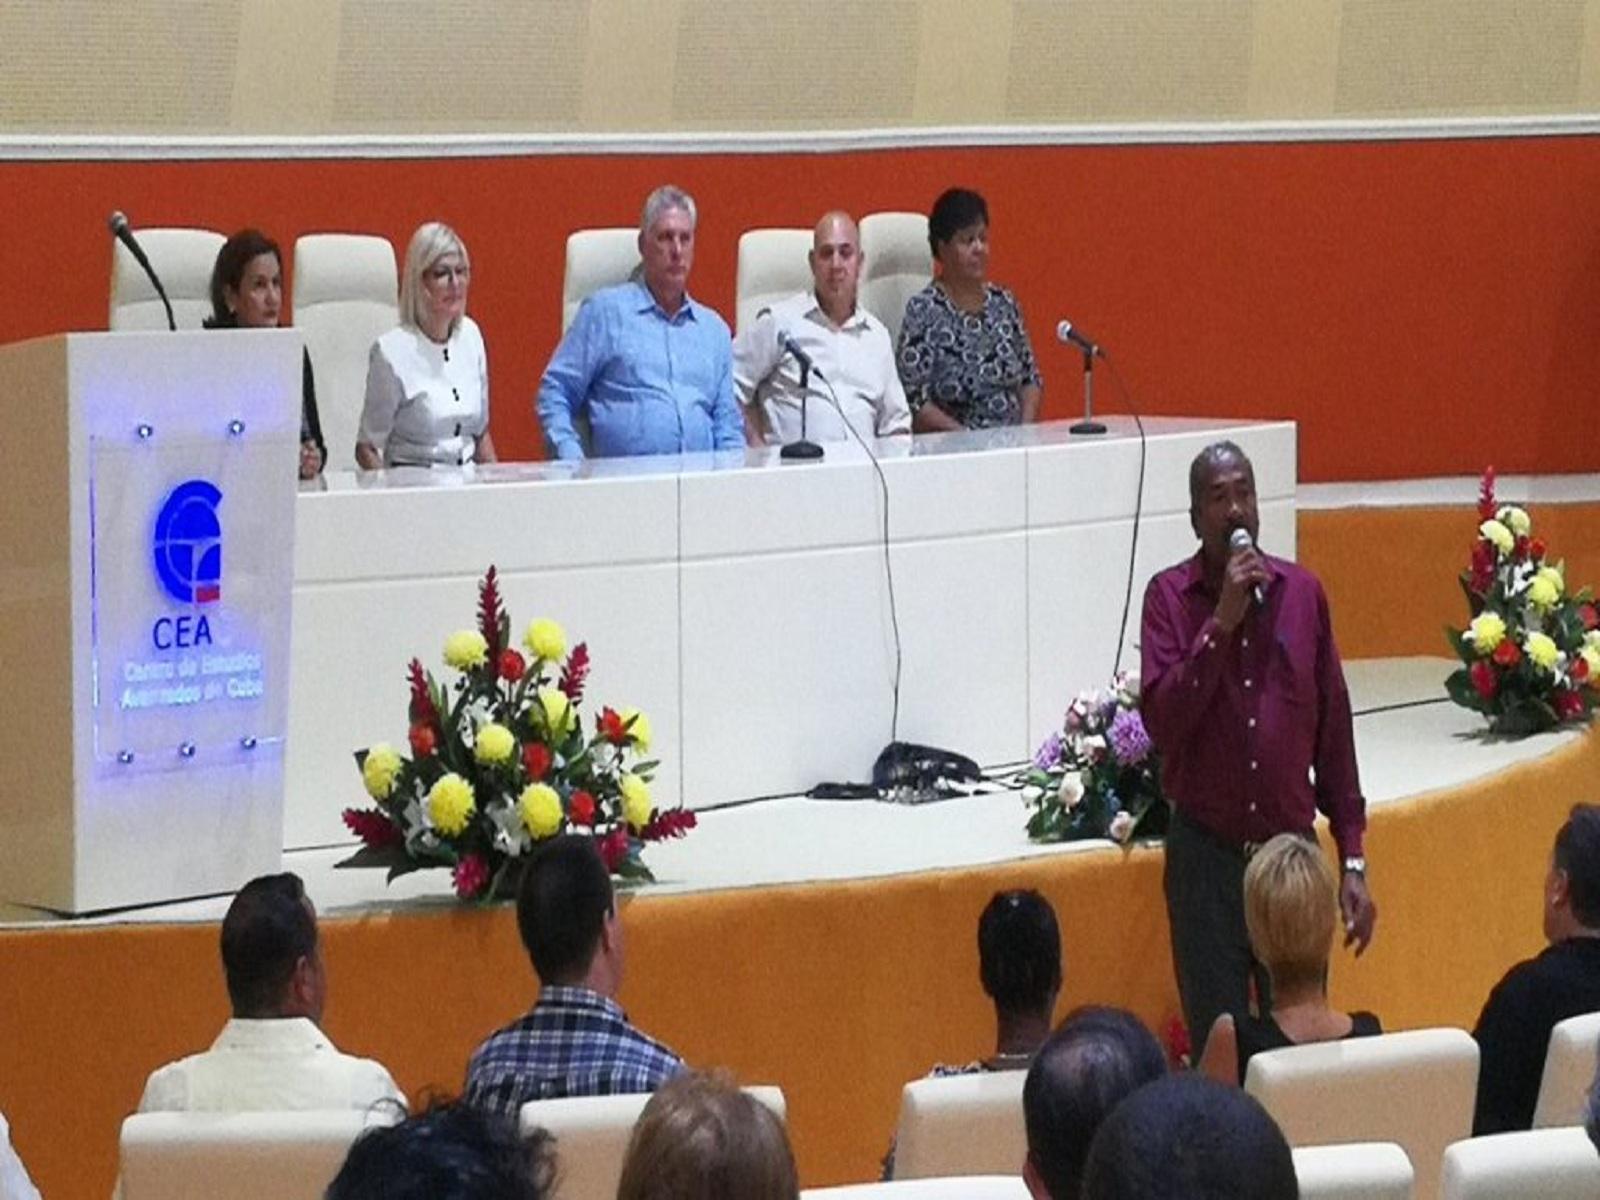 Presidente cubano inaugura el Centro de Estudios Avanzados de Cuba